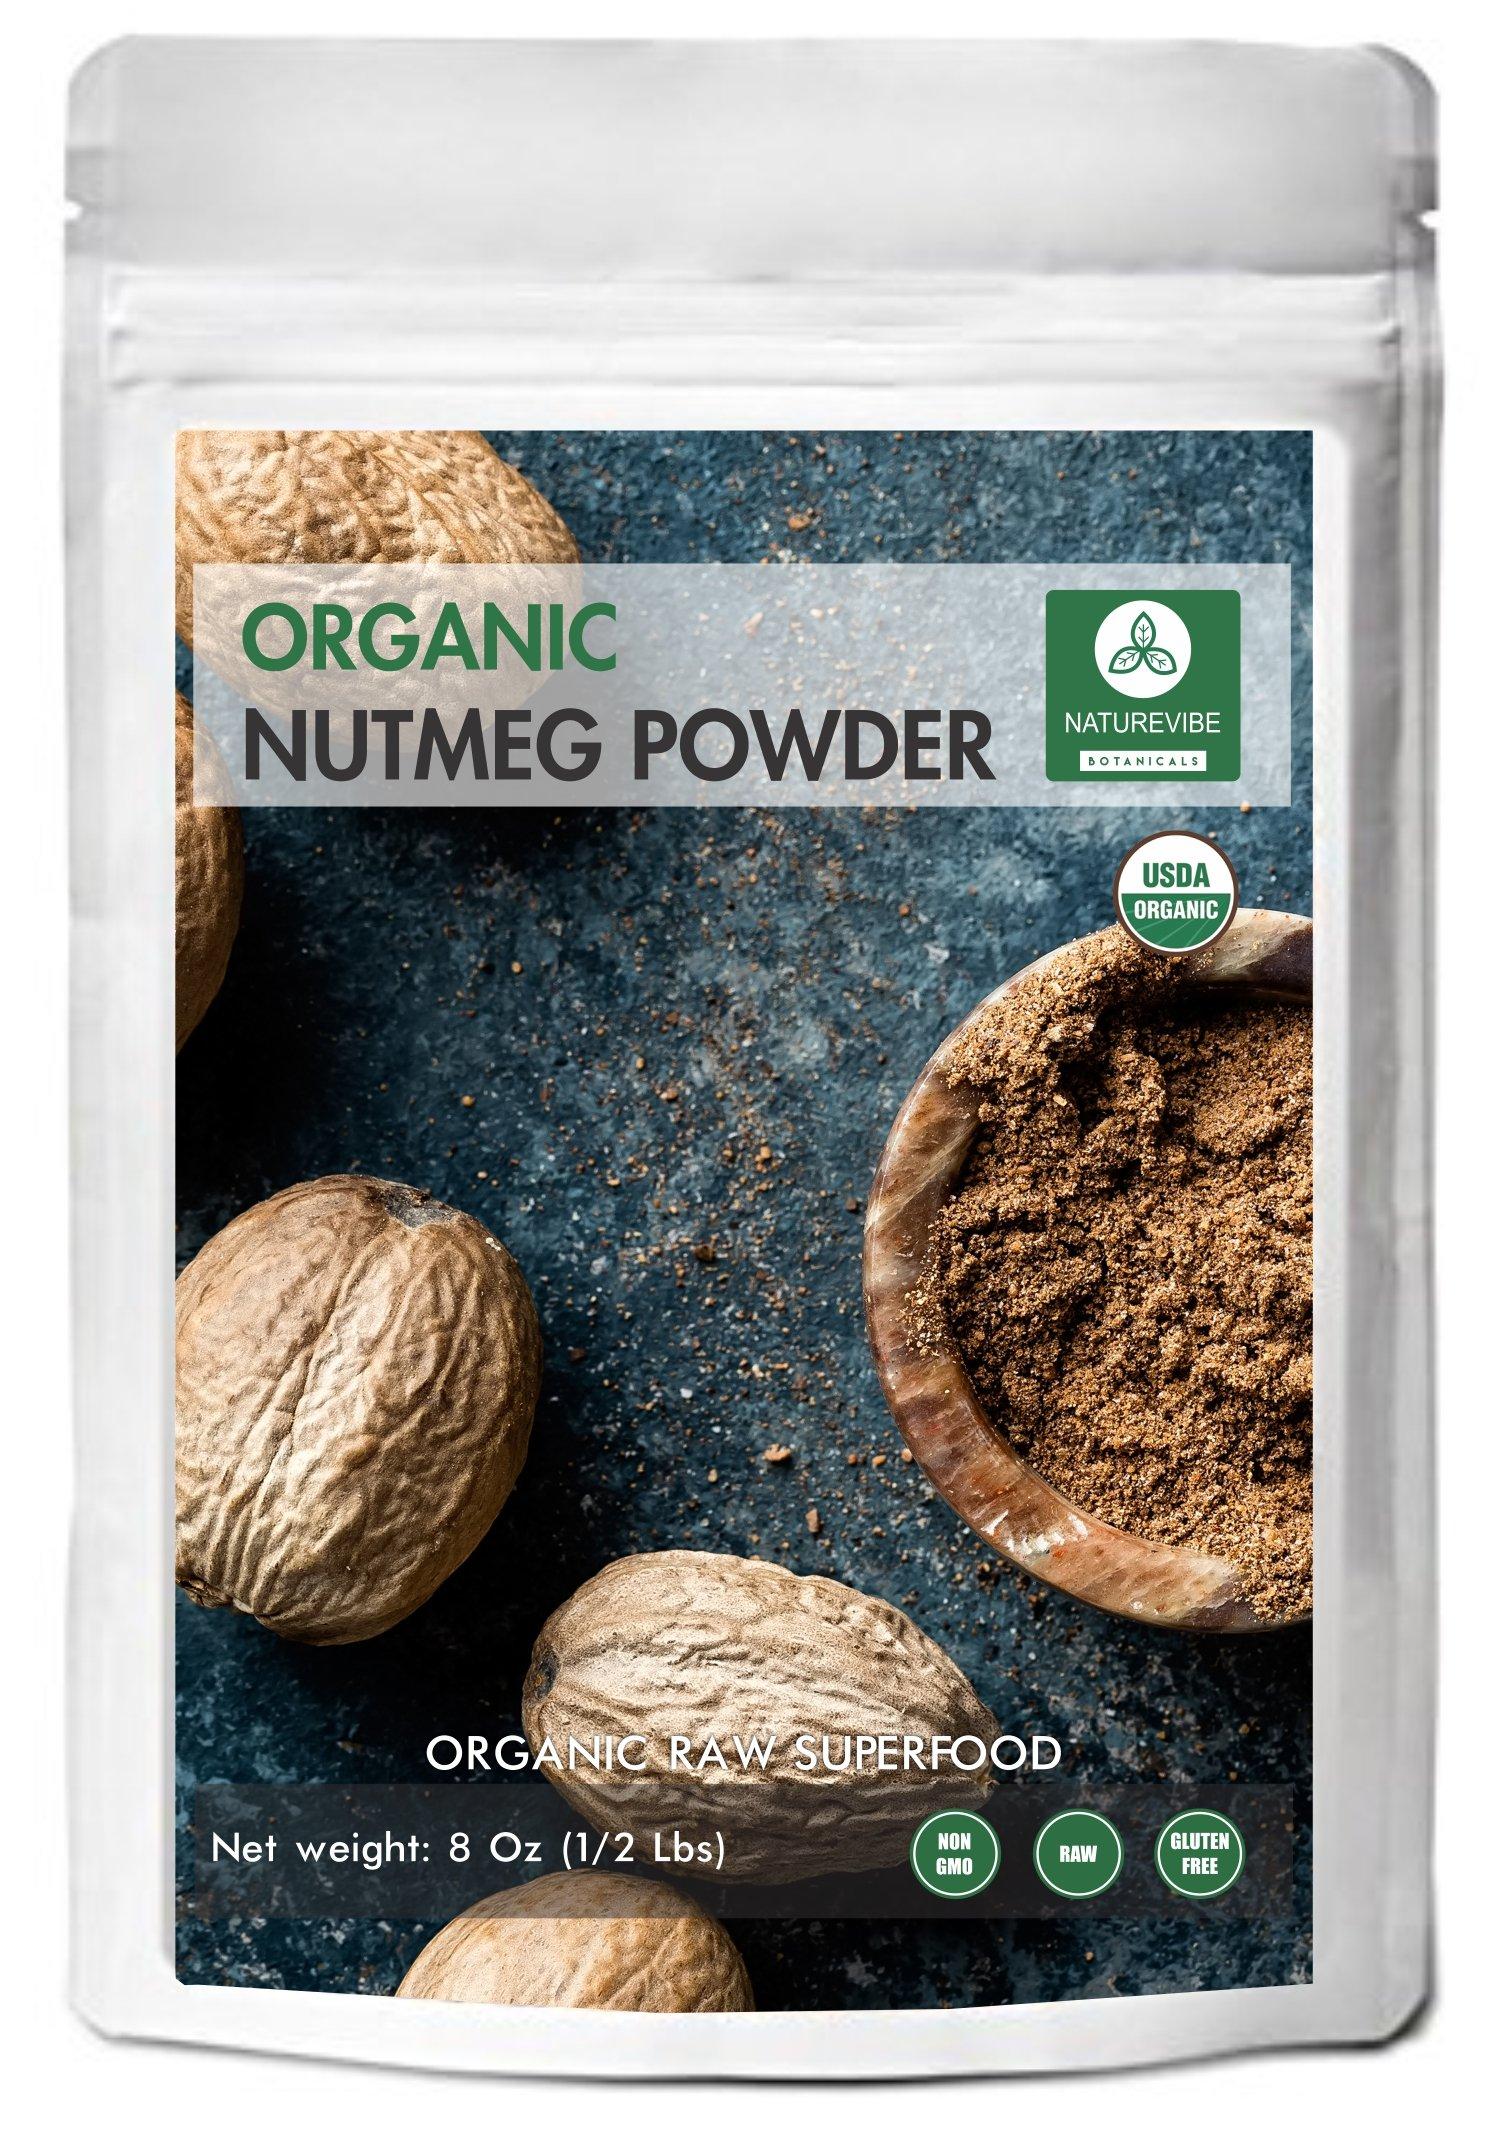 Nutmeg Powder (8 Oz) - Organic Myristica Fragrans